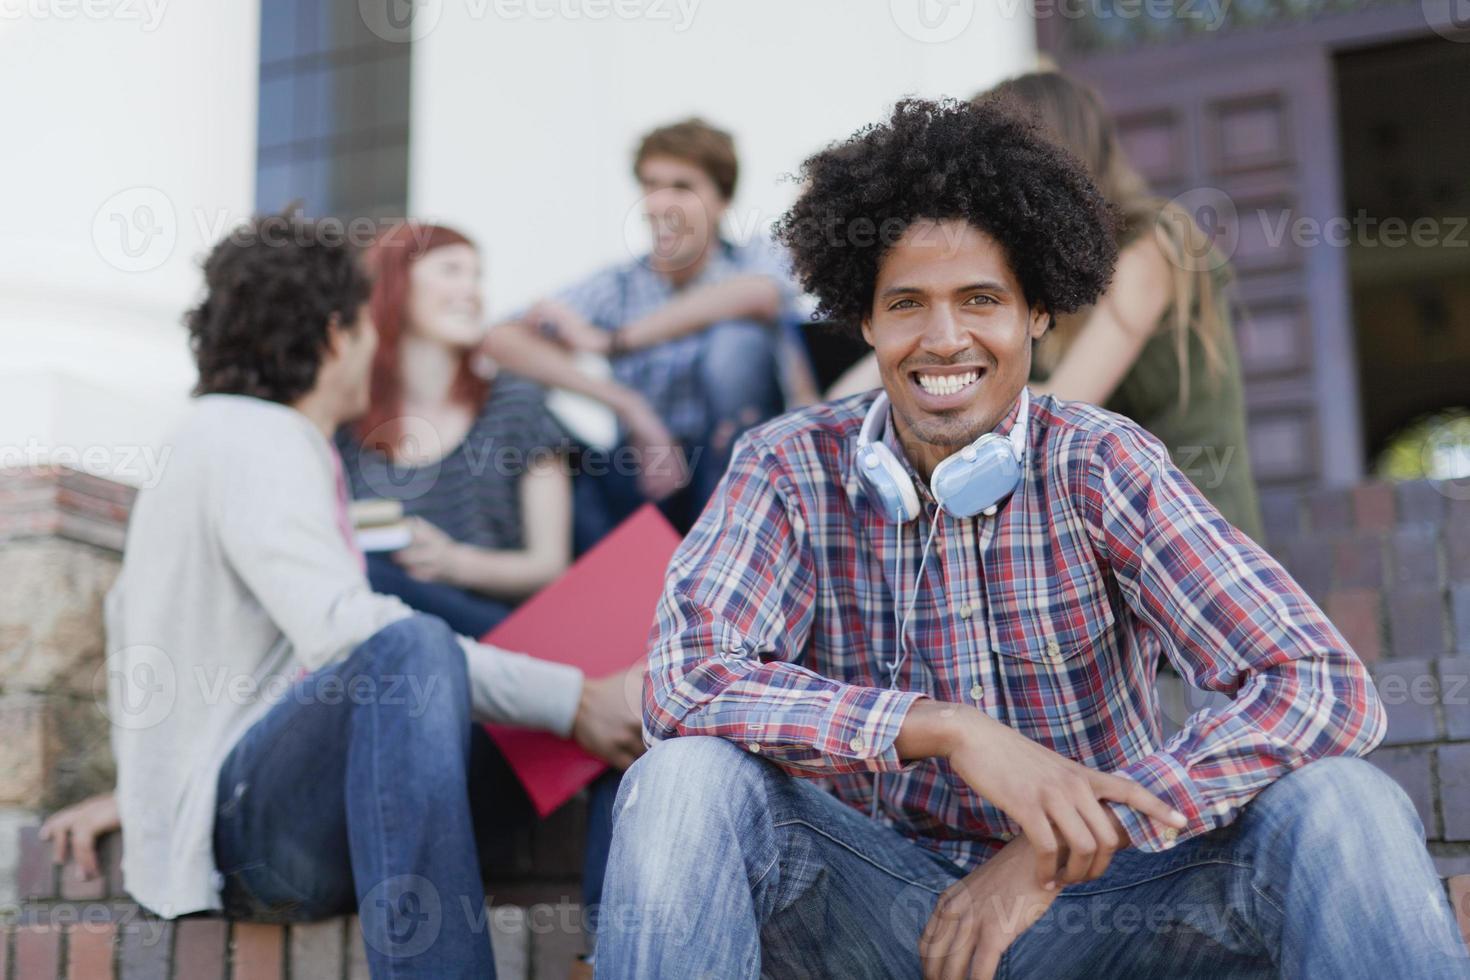 Studenten sitzen zusammen auf dem Campus foto